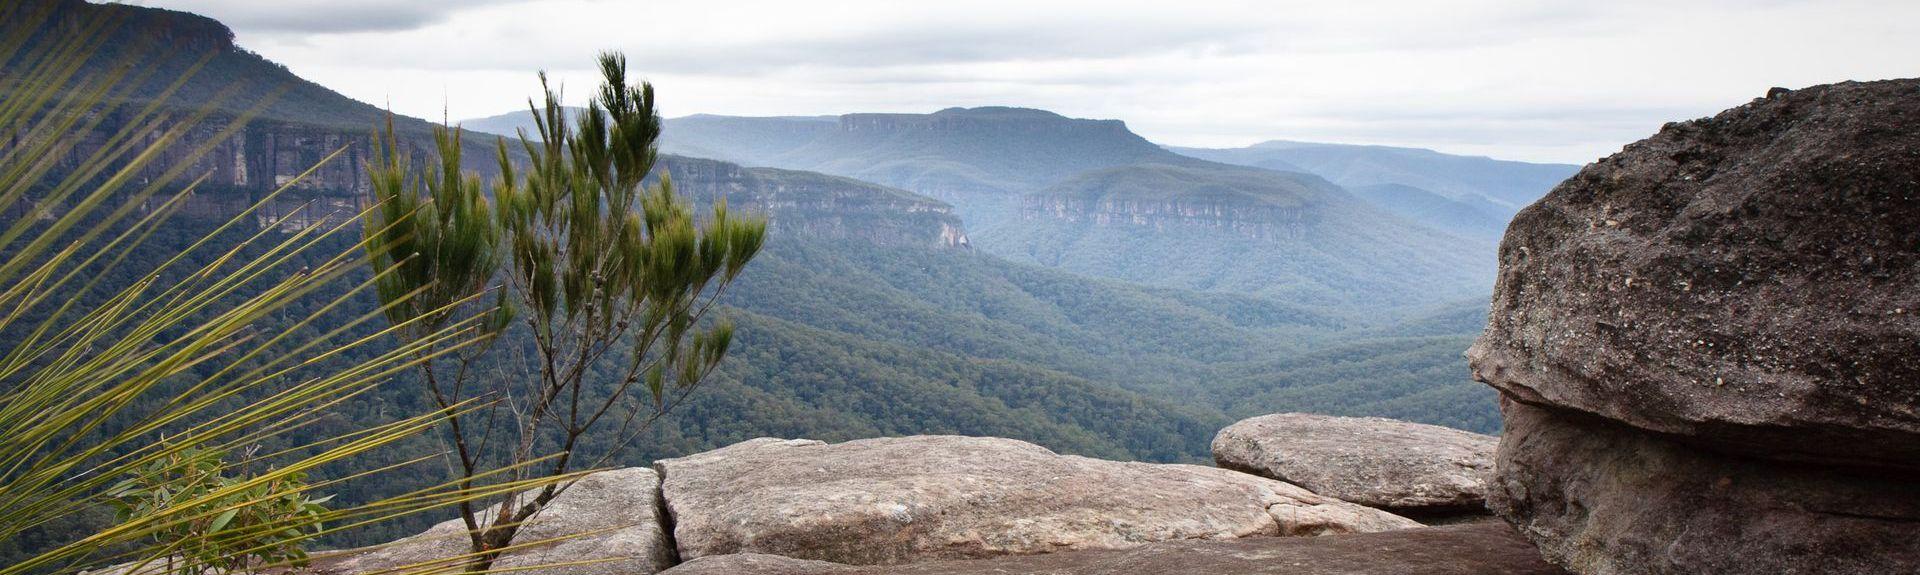 Pointer Mountain, New South Wales, Australia